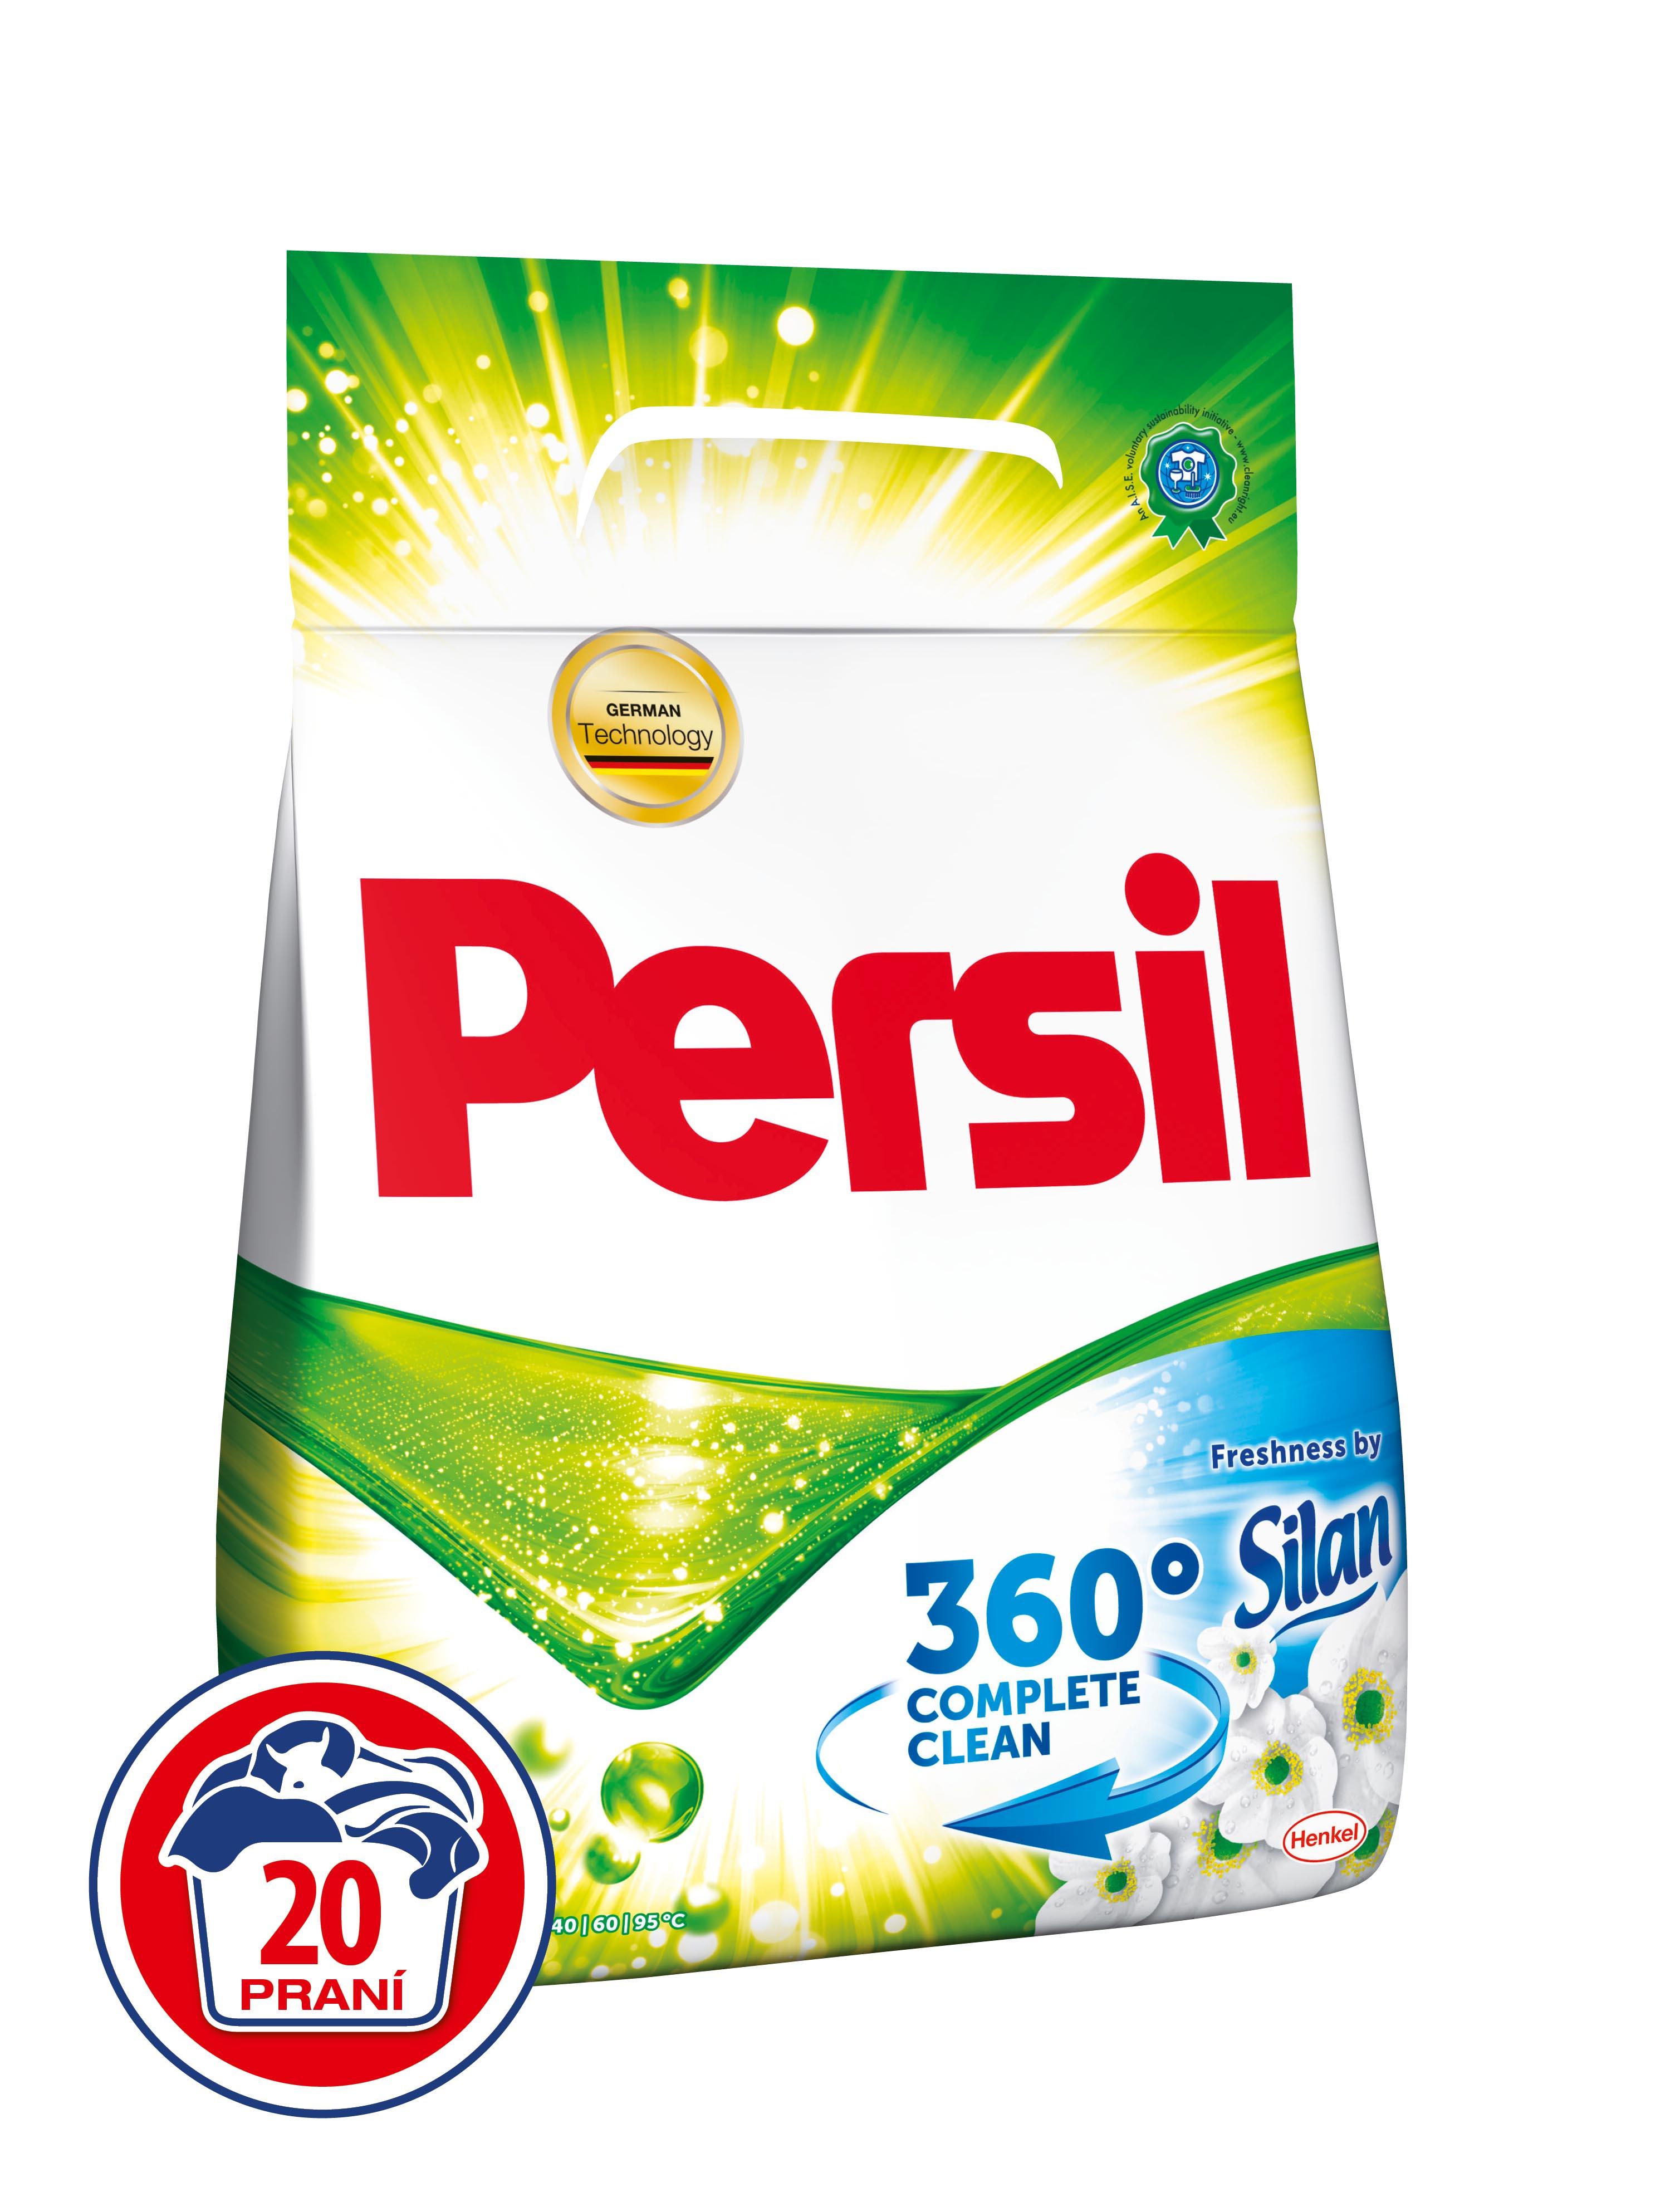 Persil Fresh Pearls by Silan prací prášek, 20 praní 1,4 kg